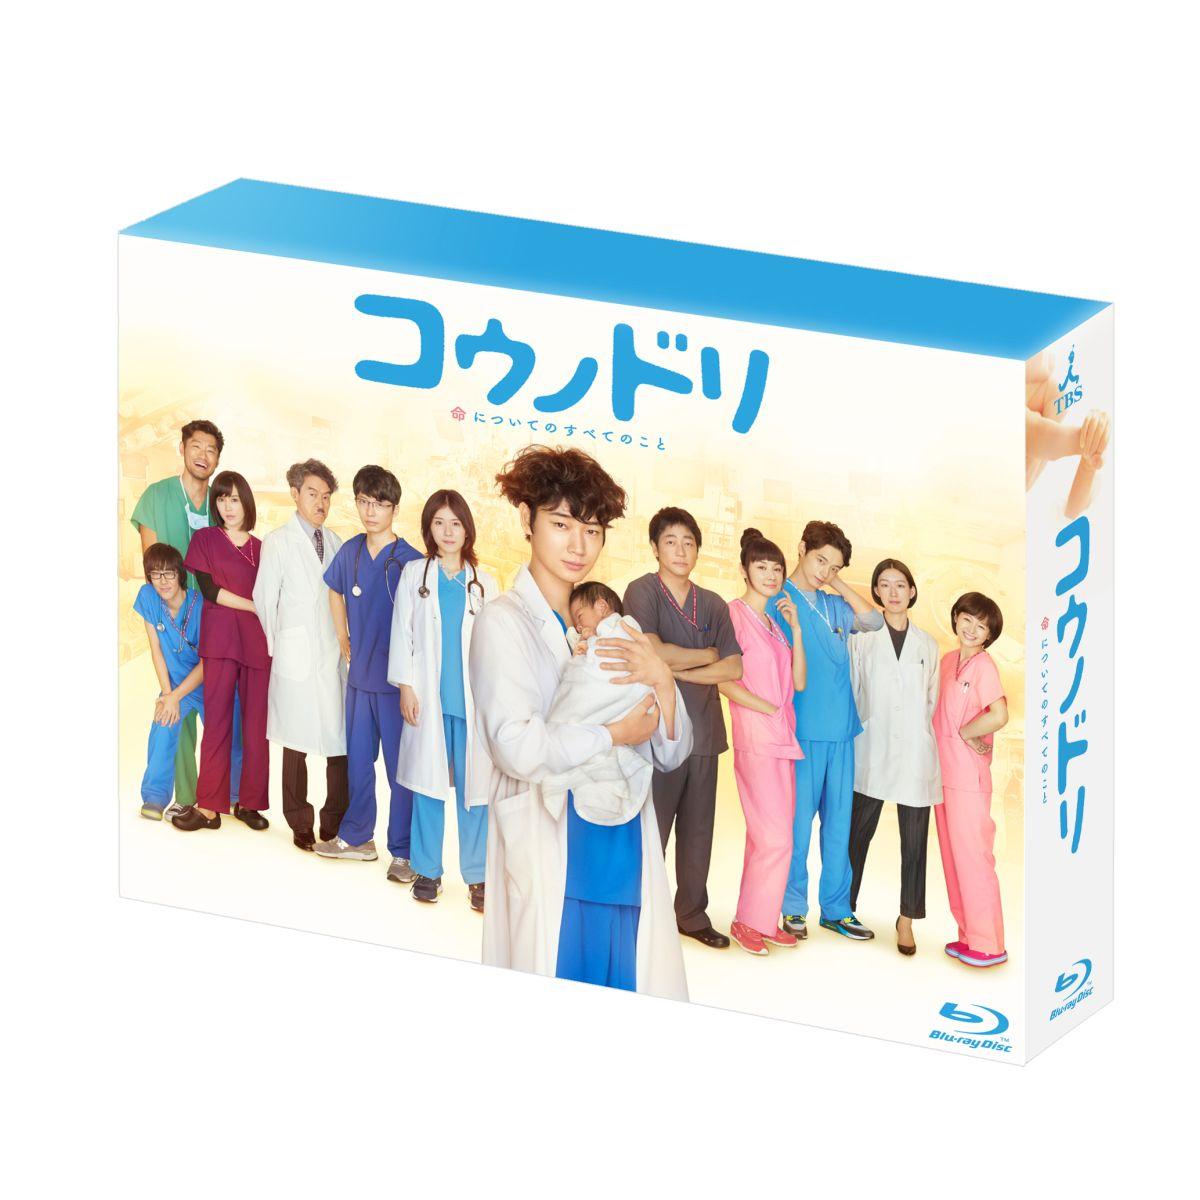 コウノドリ Blu-ray BOX【Blu-ray】 [ 綾野剛 ]